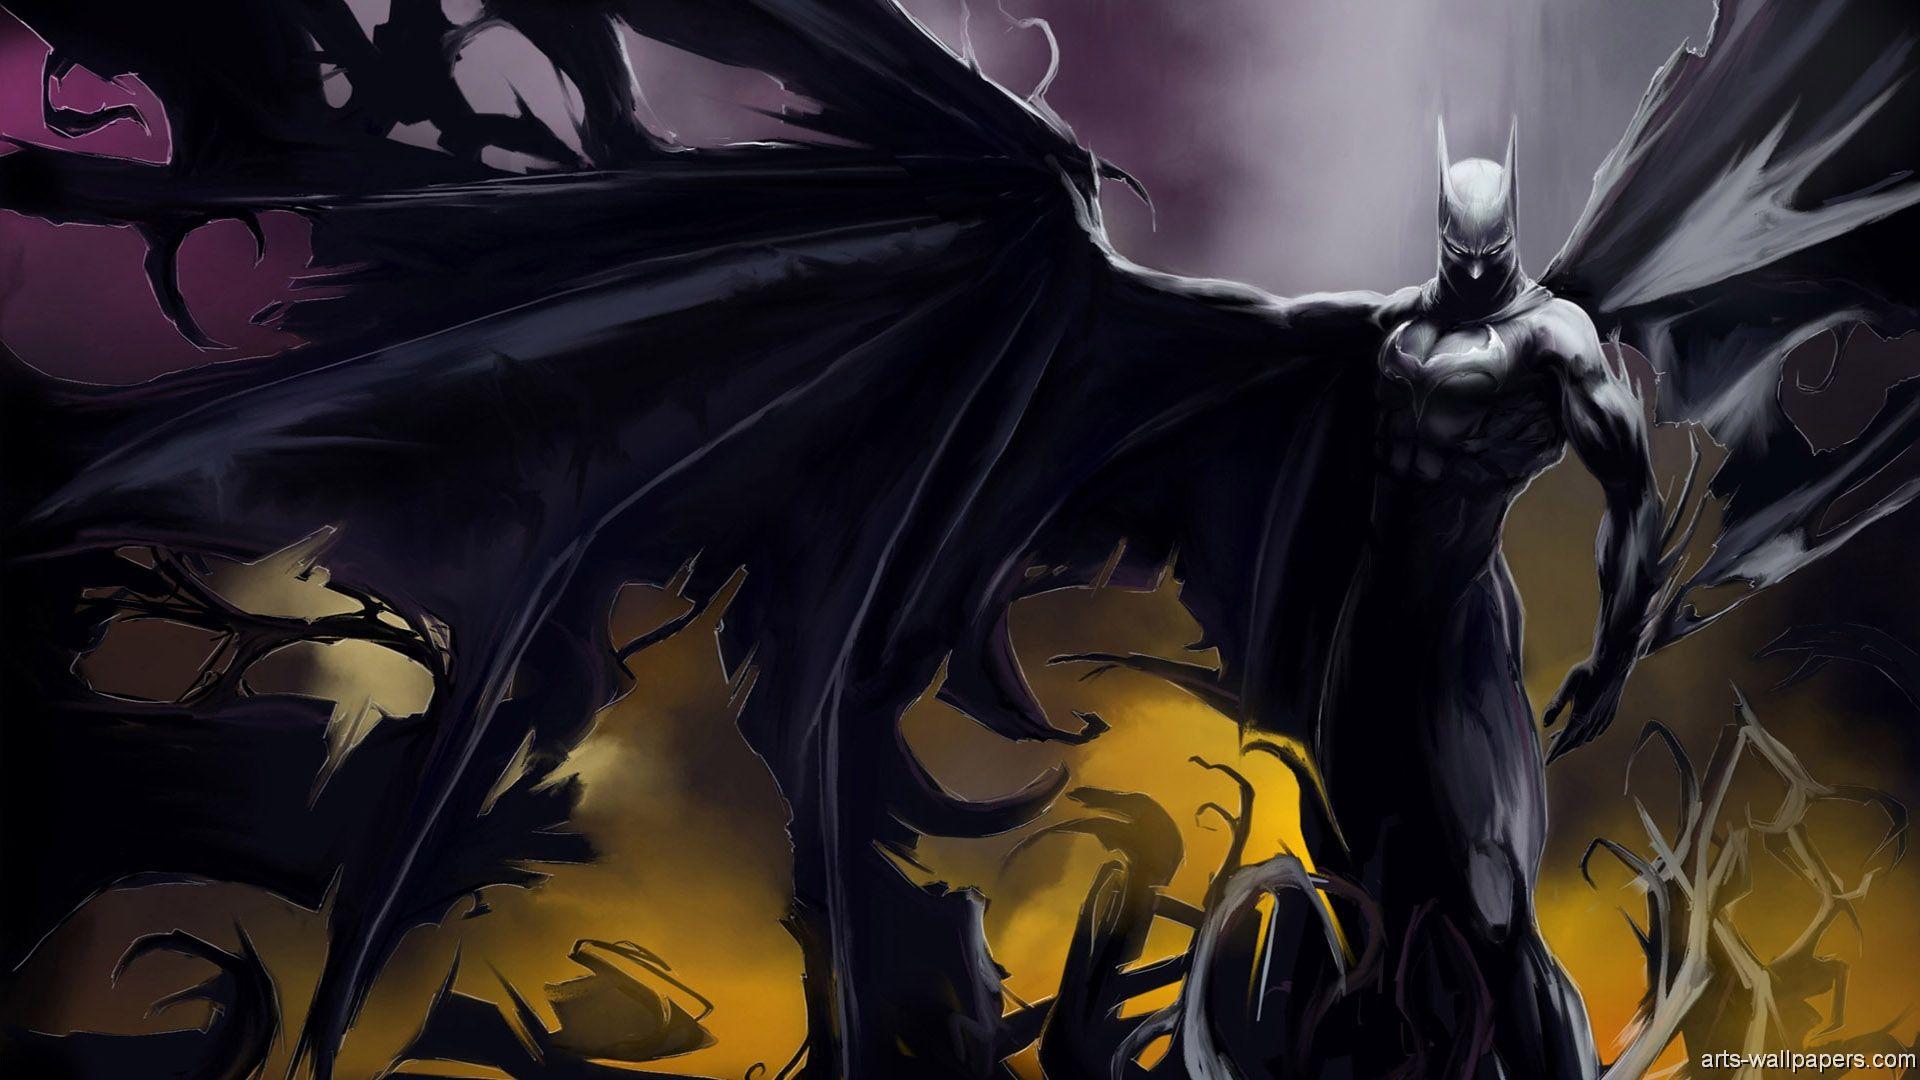 download batman ps3 video game hd wallpapers – get batman ps3 video